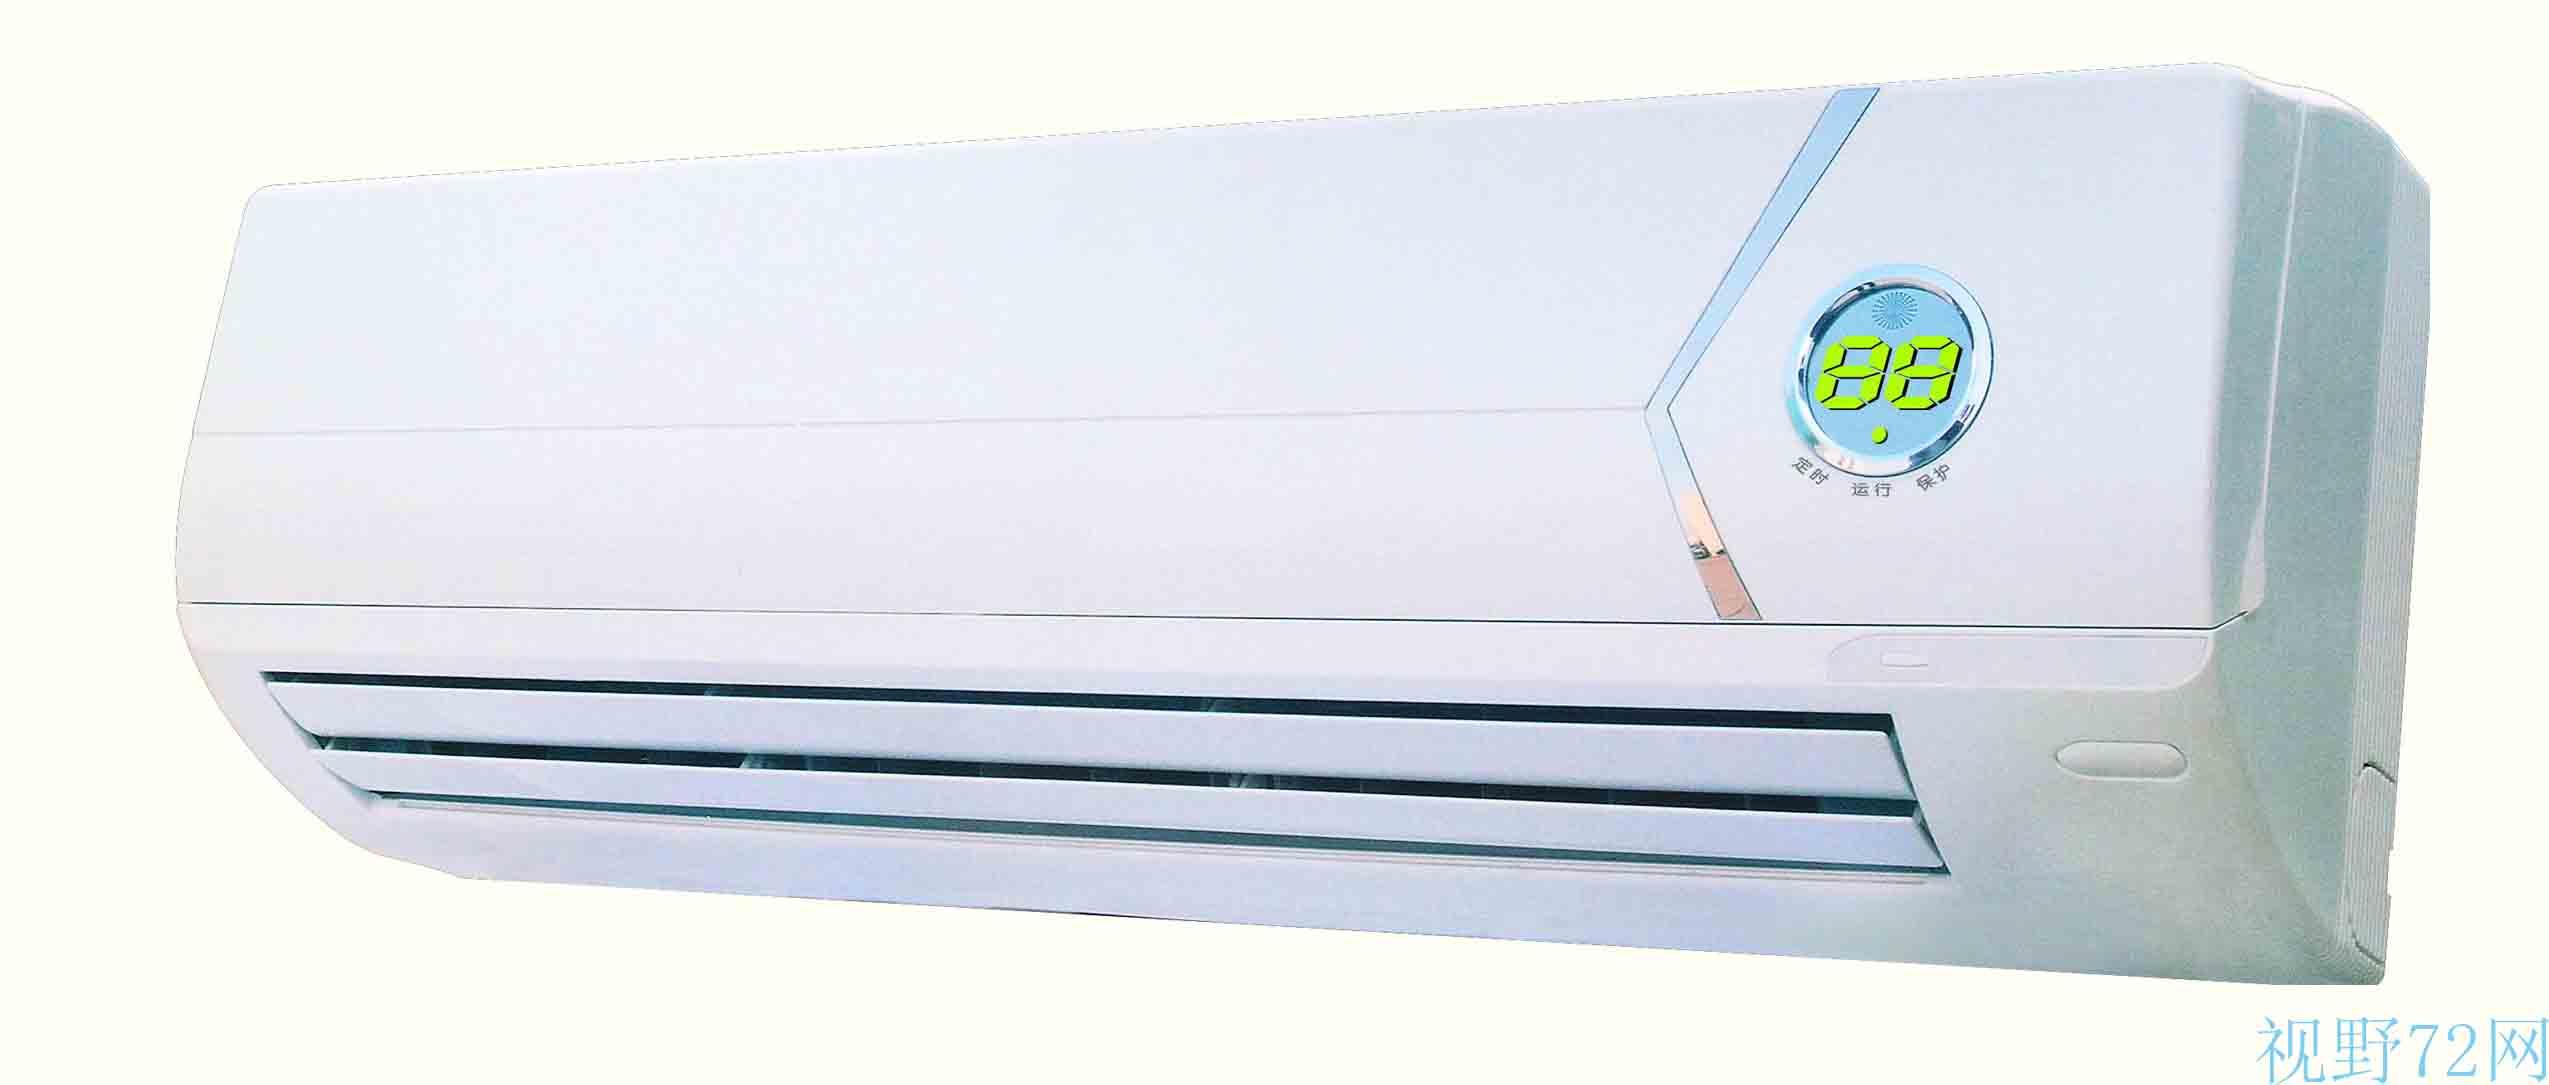 空調維修需要了解的空調常識